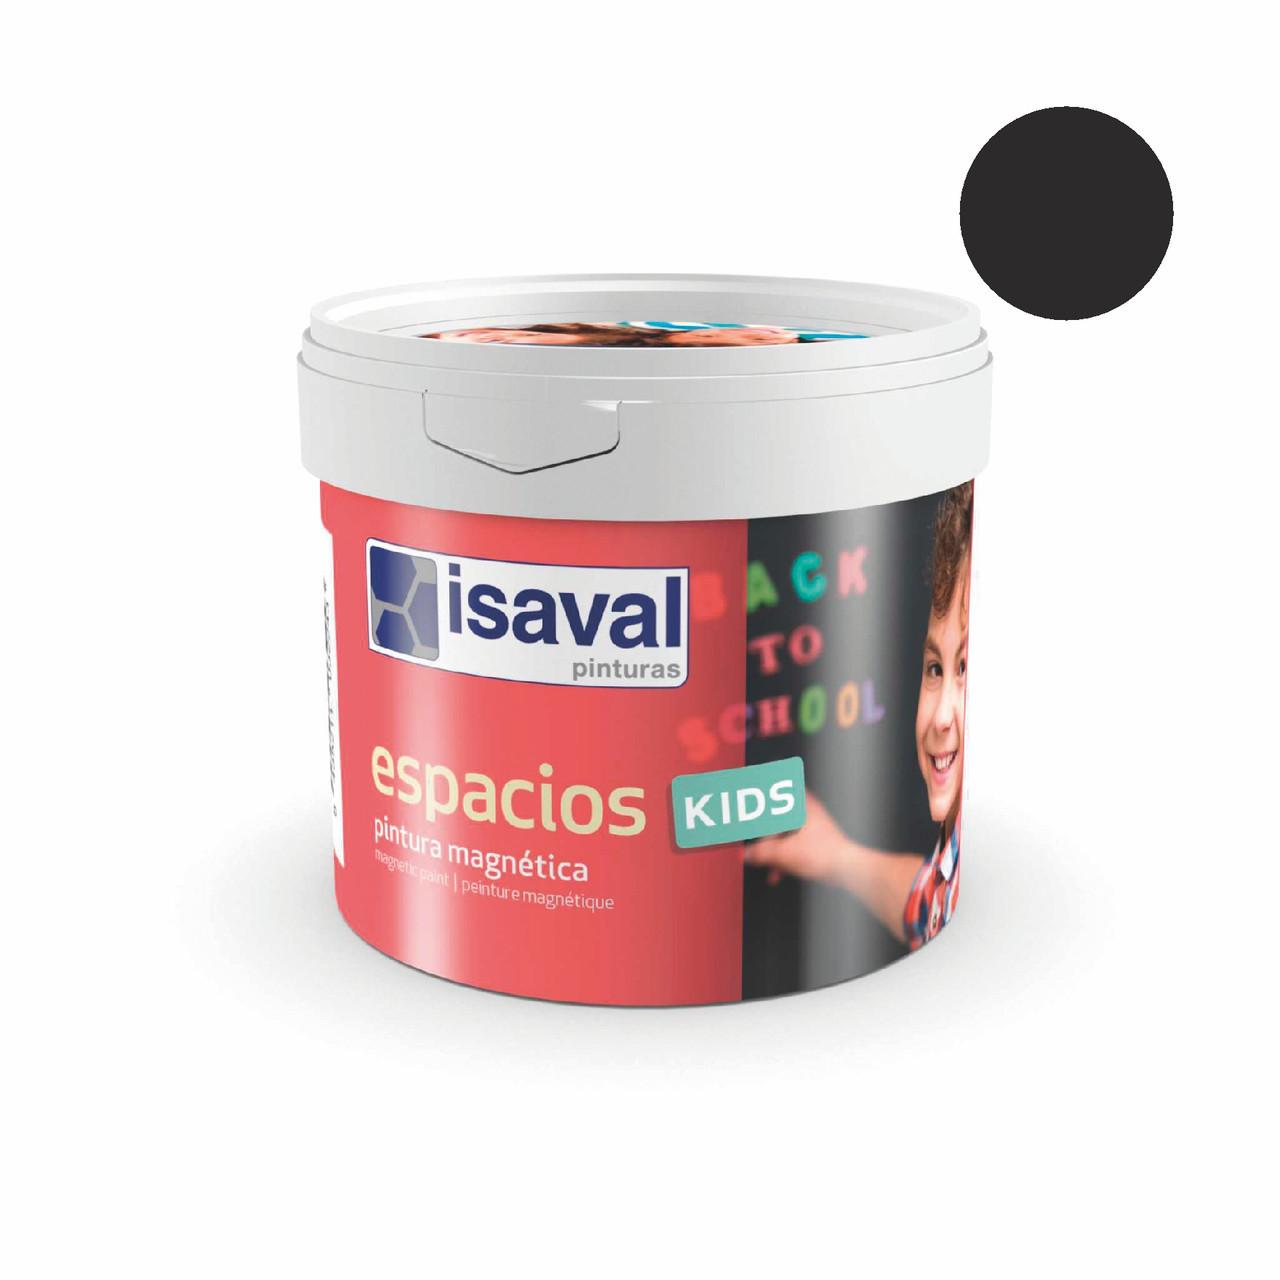 Магнітна фарба для дитячої кімнати - Espacios Kids 0,5 л isaval